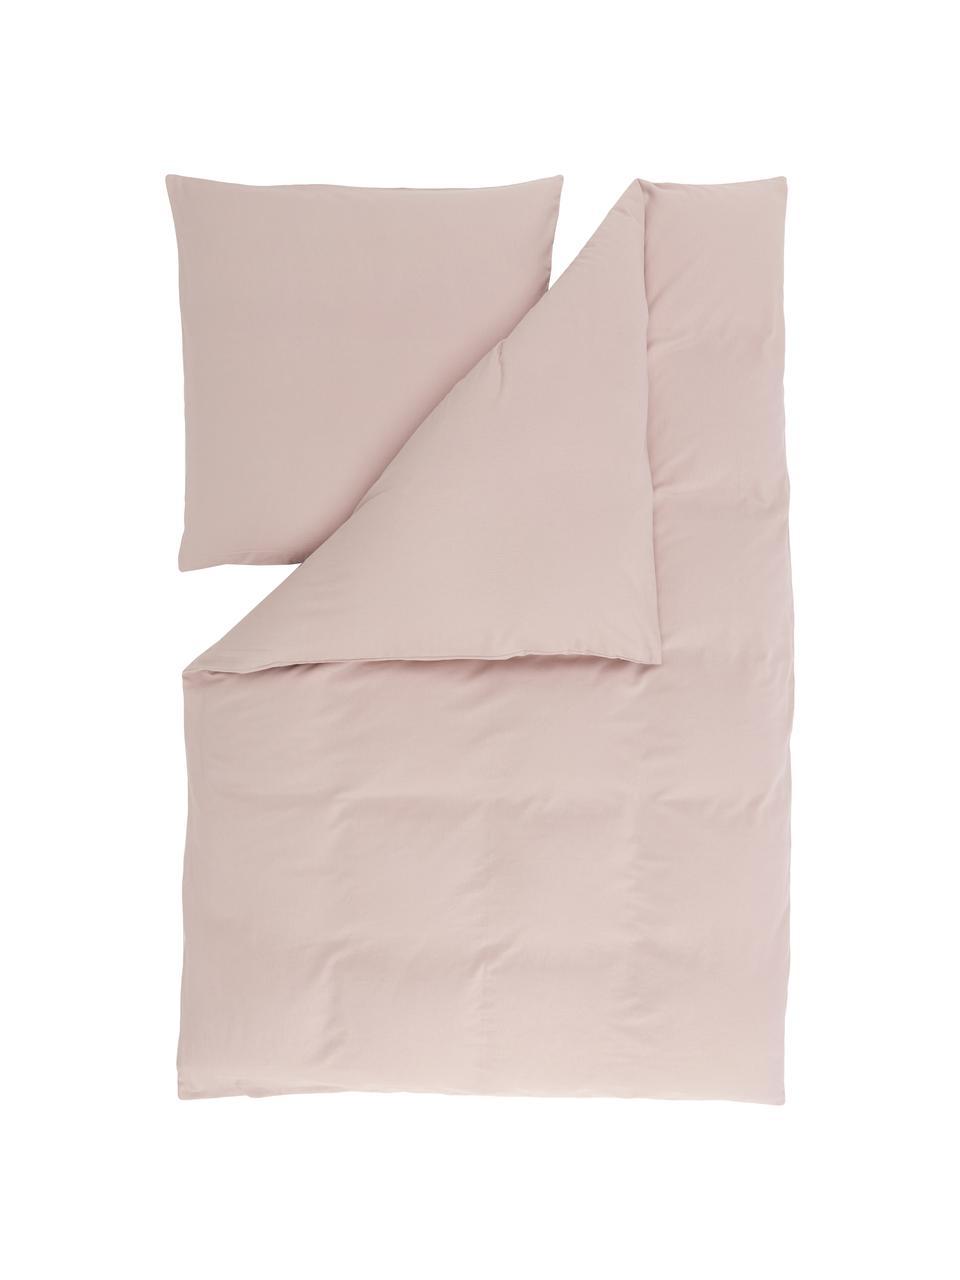 Flanell-Bettwäsche Biba in Rosa, Webart: Flanell Flanell ist ein k, Rosa, 135 x 200 cm + 1 Kissen 80 x 80 cm